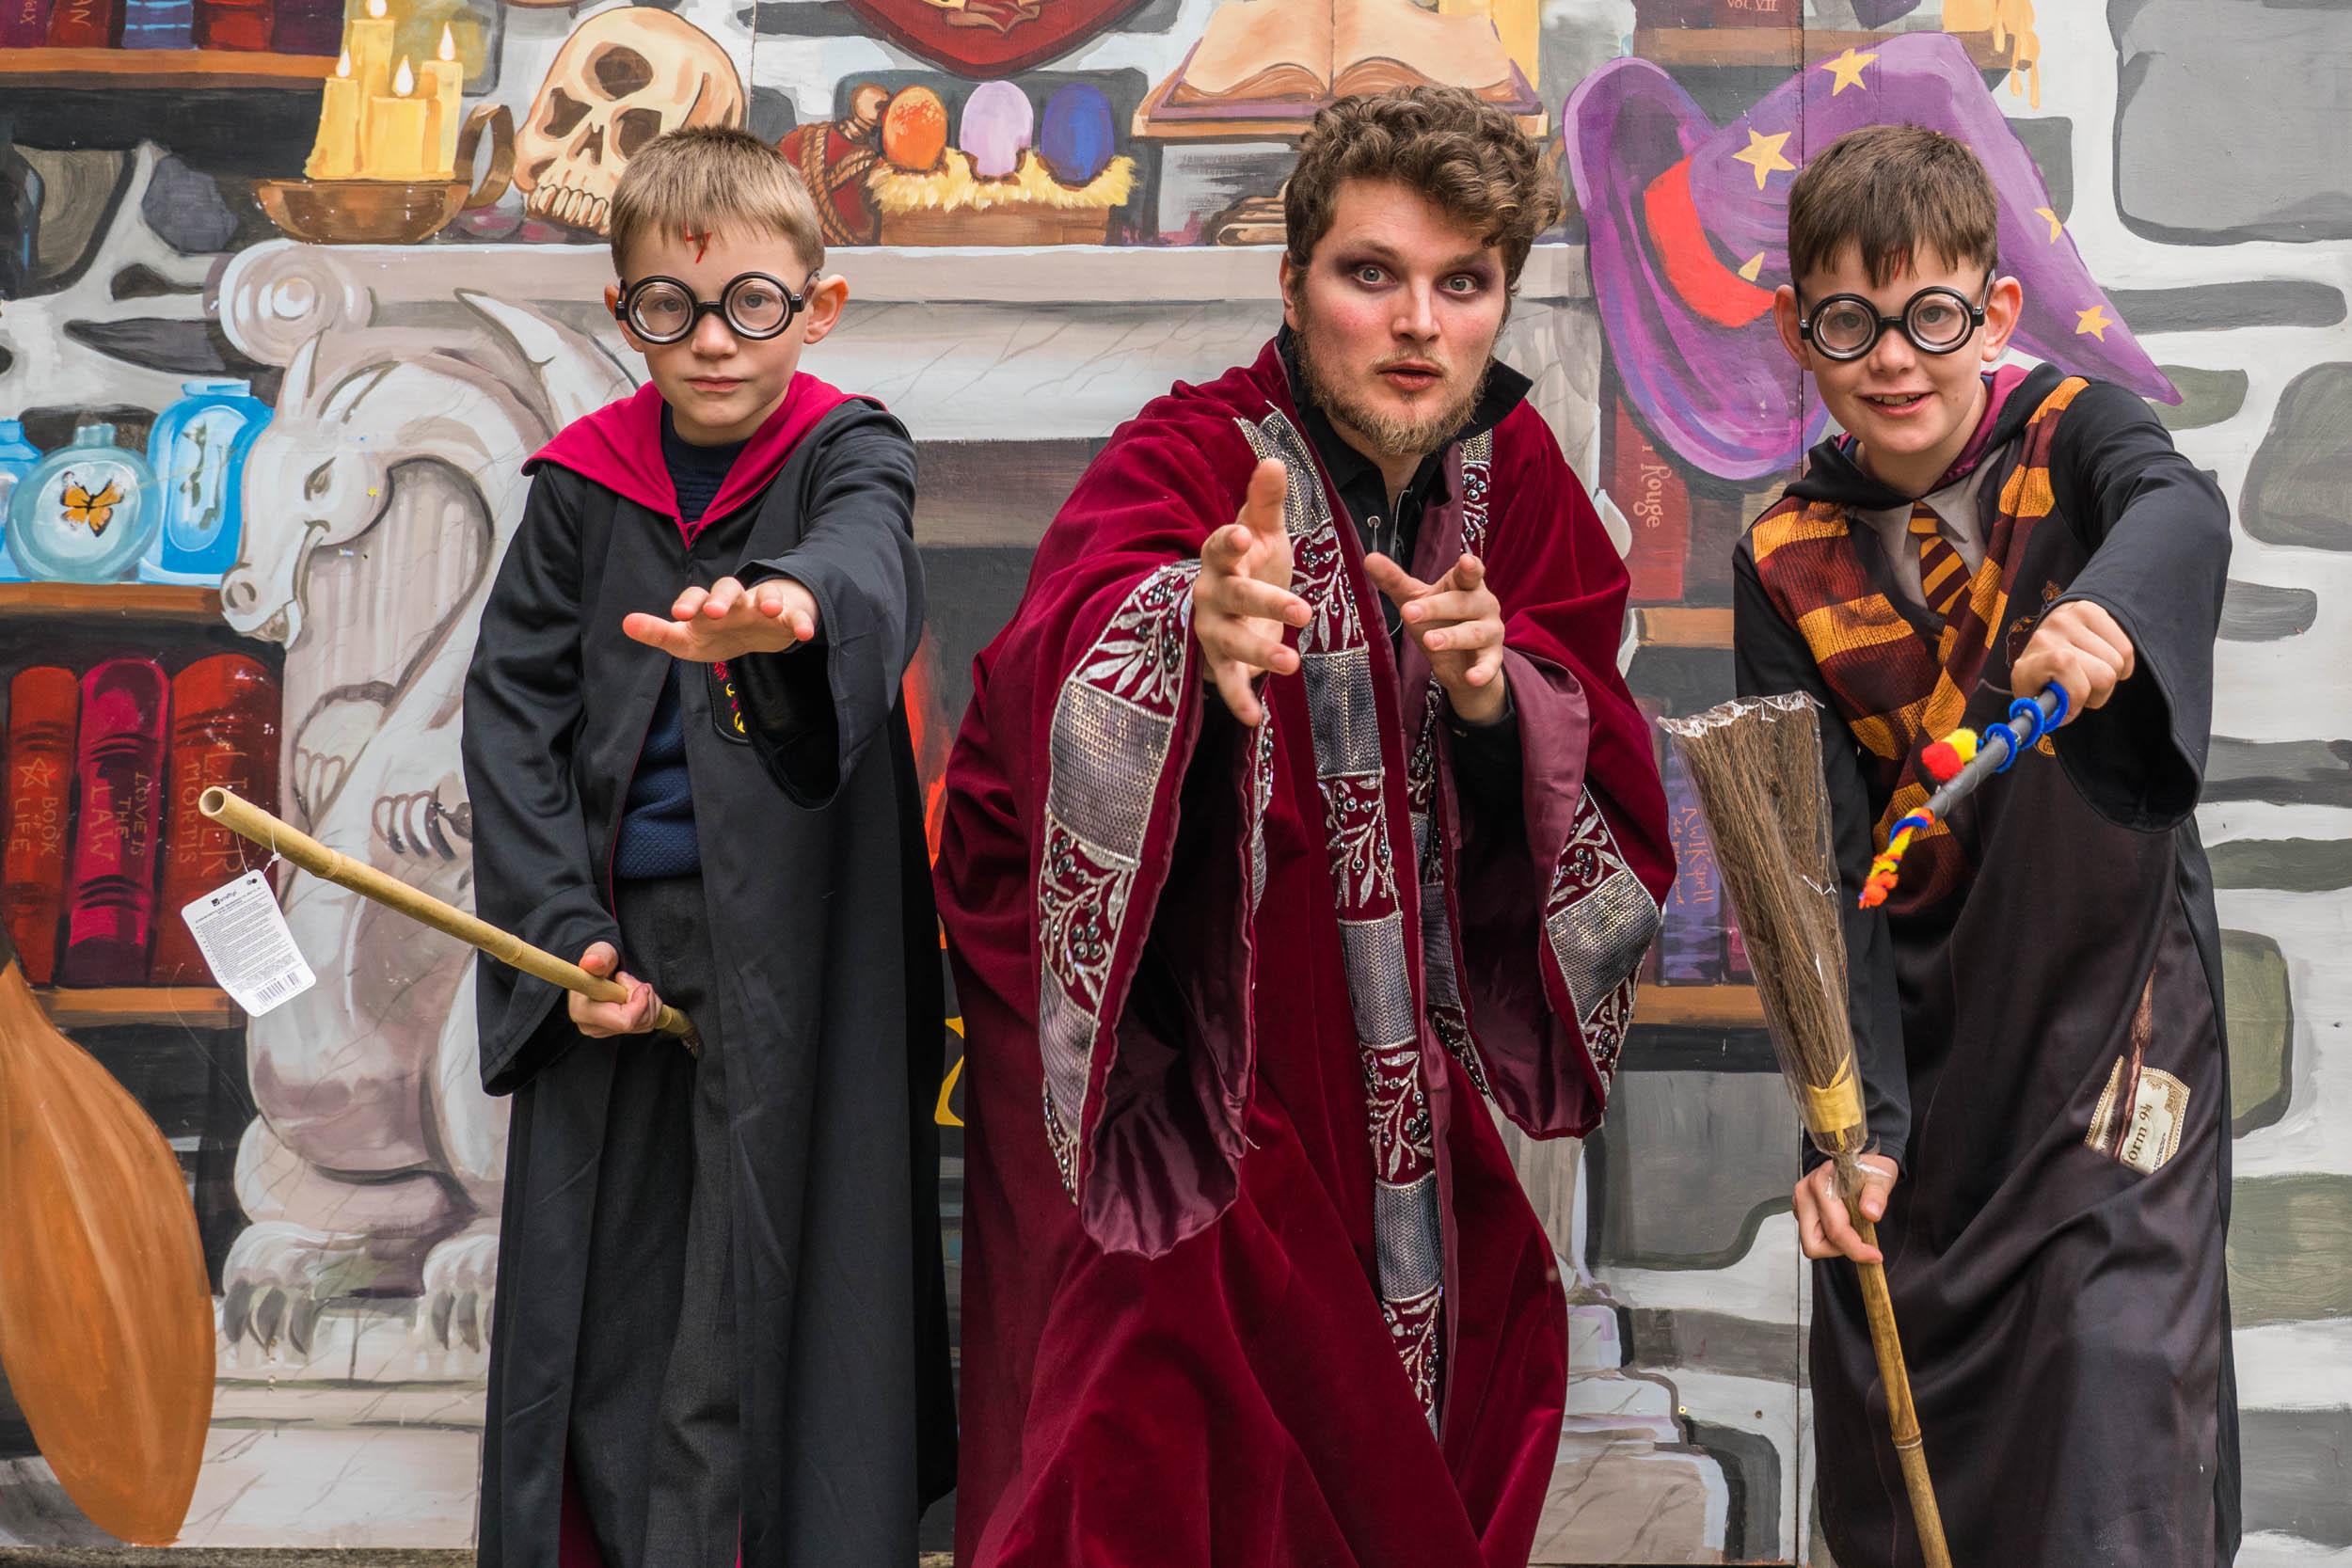 Witches-Wizards-Event-Loch-Katrine-06253.jpg